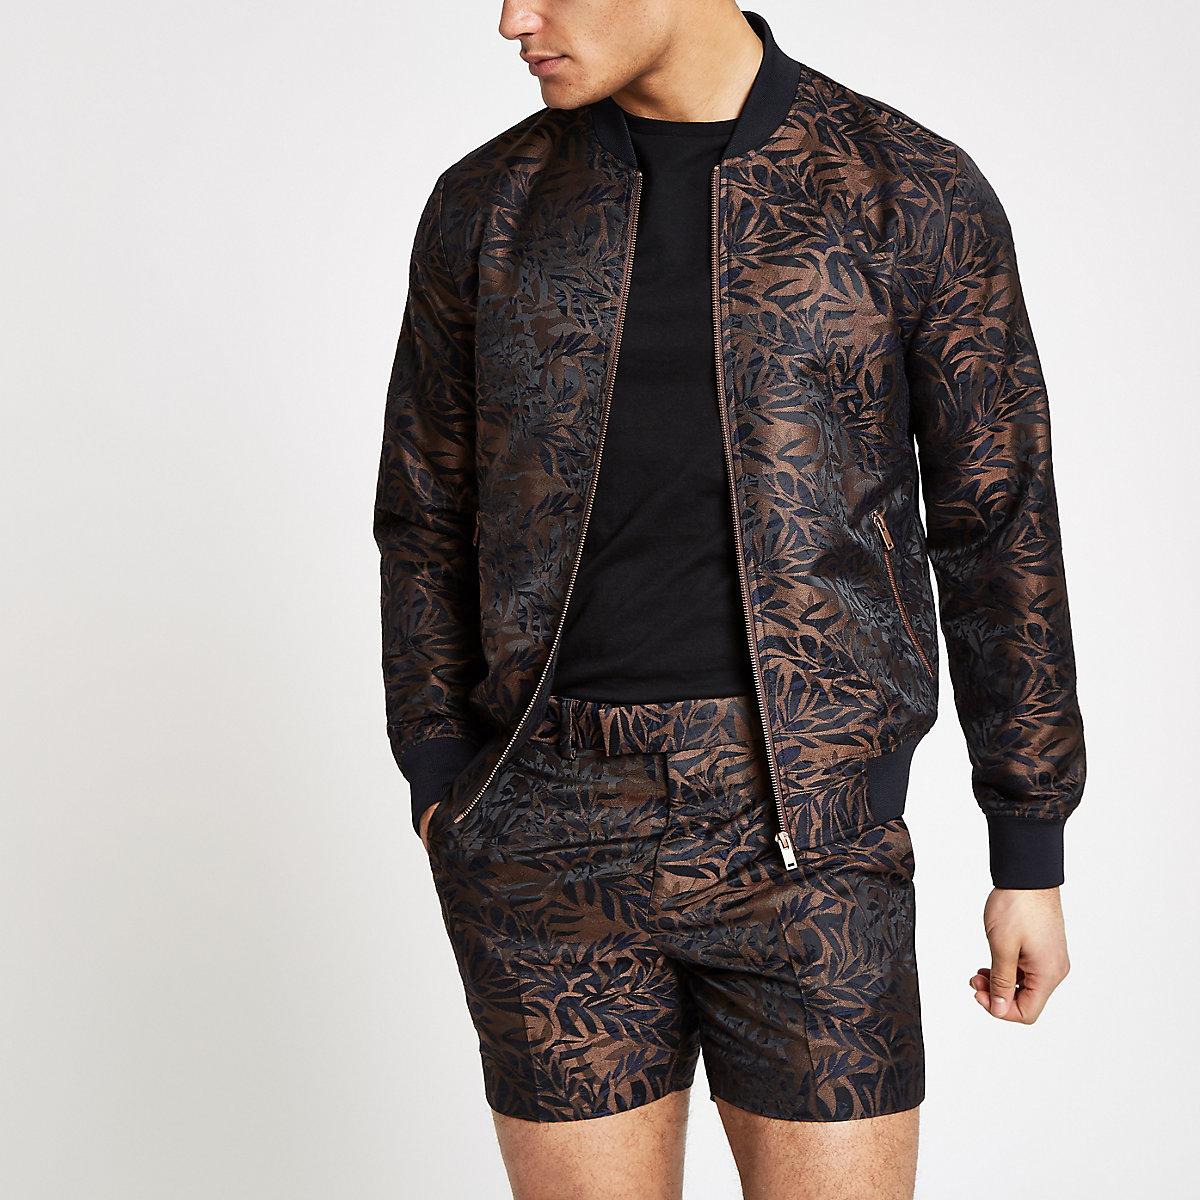 Brown printed skinny fit bomber jacket